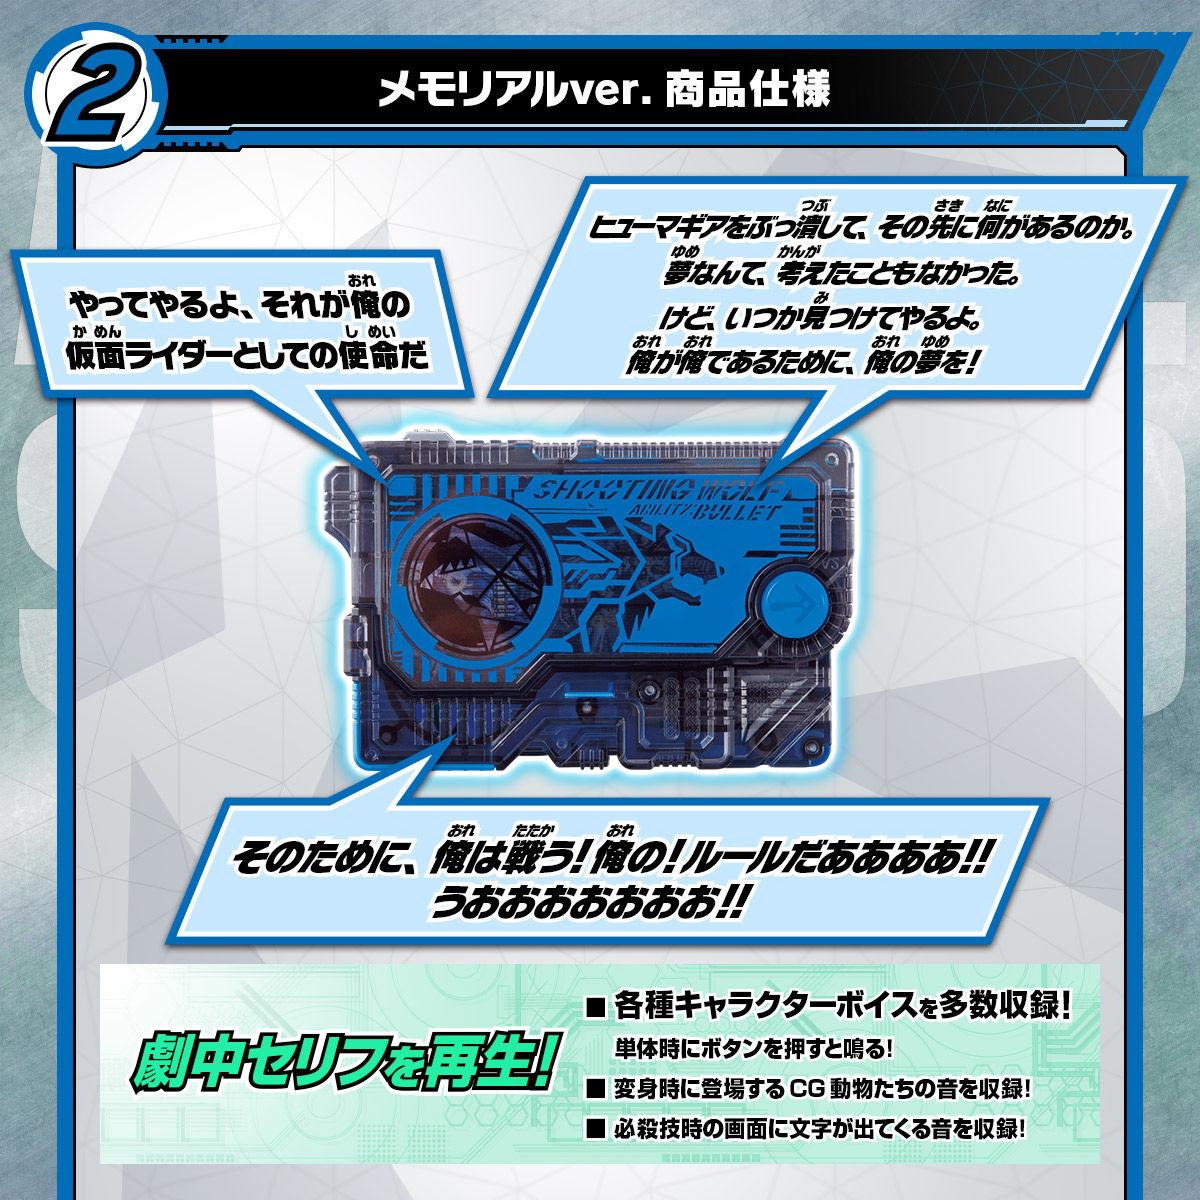 仮面ライダーゼロワン DXメモリアルプログライズキーセット SIDE A.I.M.S.&ZAIA